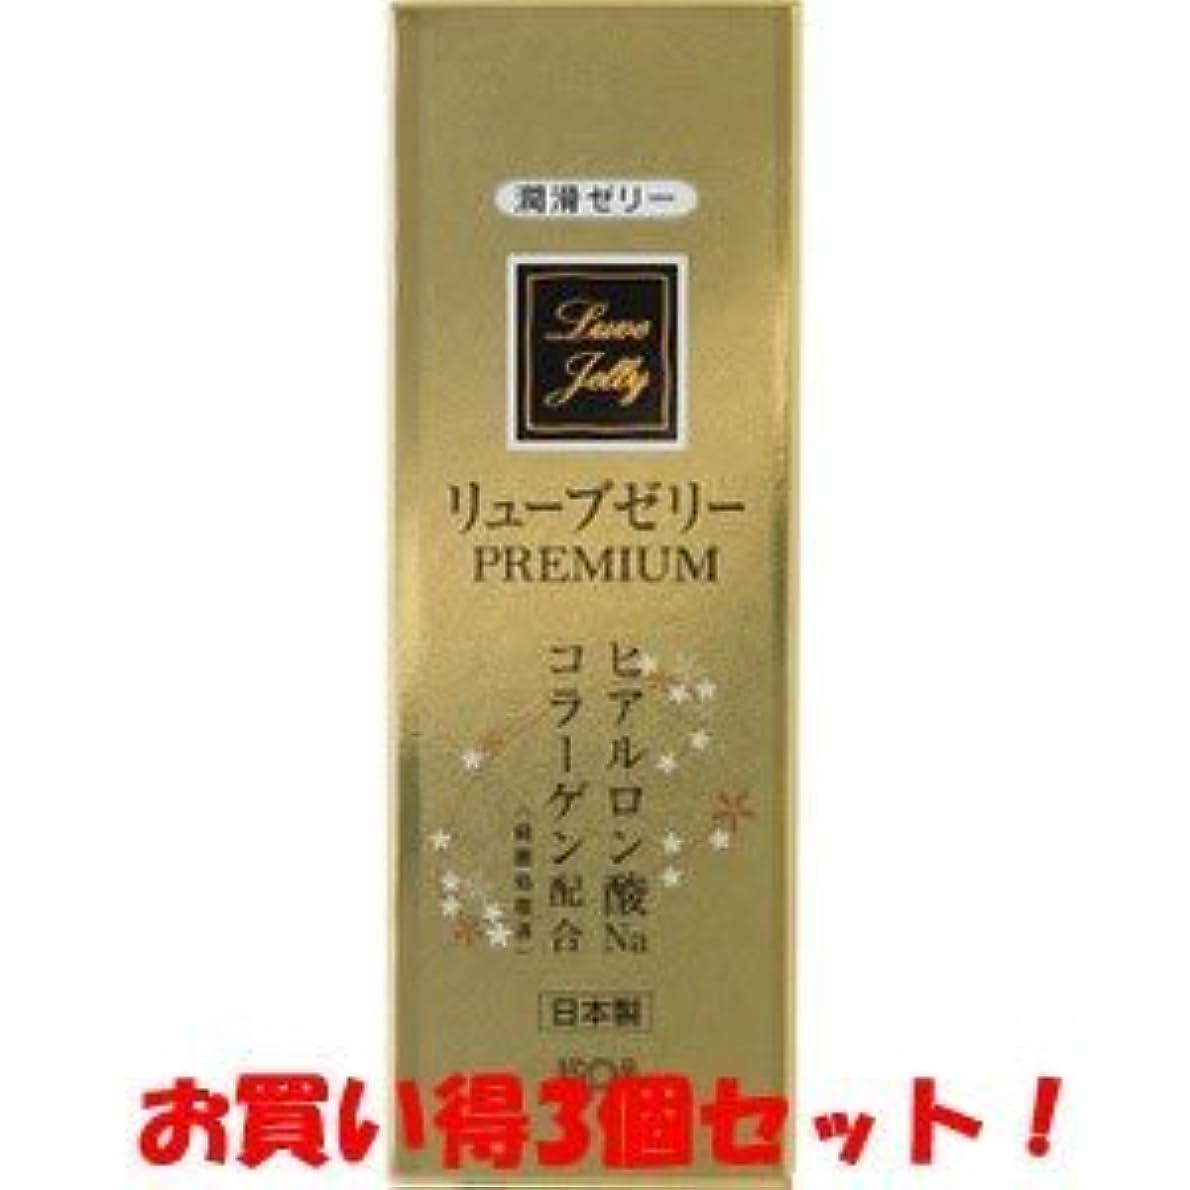 エージェント治世繊毛(ジェクス)リューブゼリー プレミアム PREMIUM 55g(お買い得3個セット)